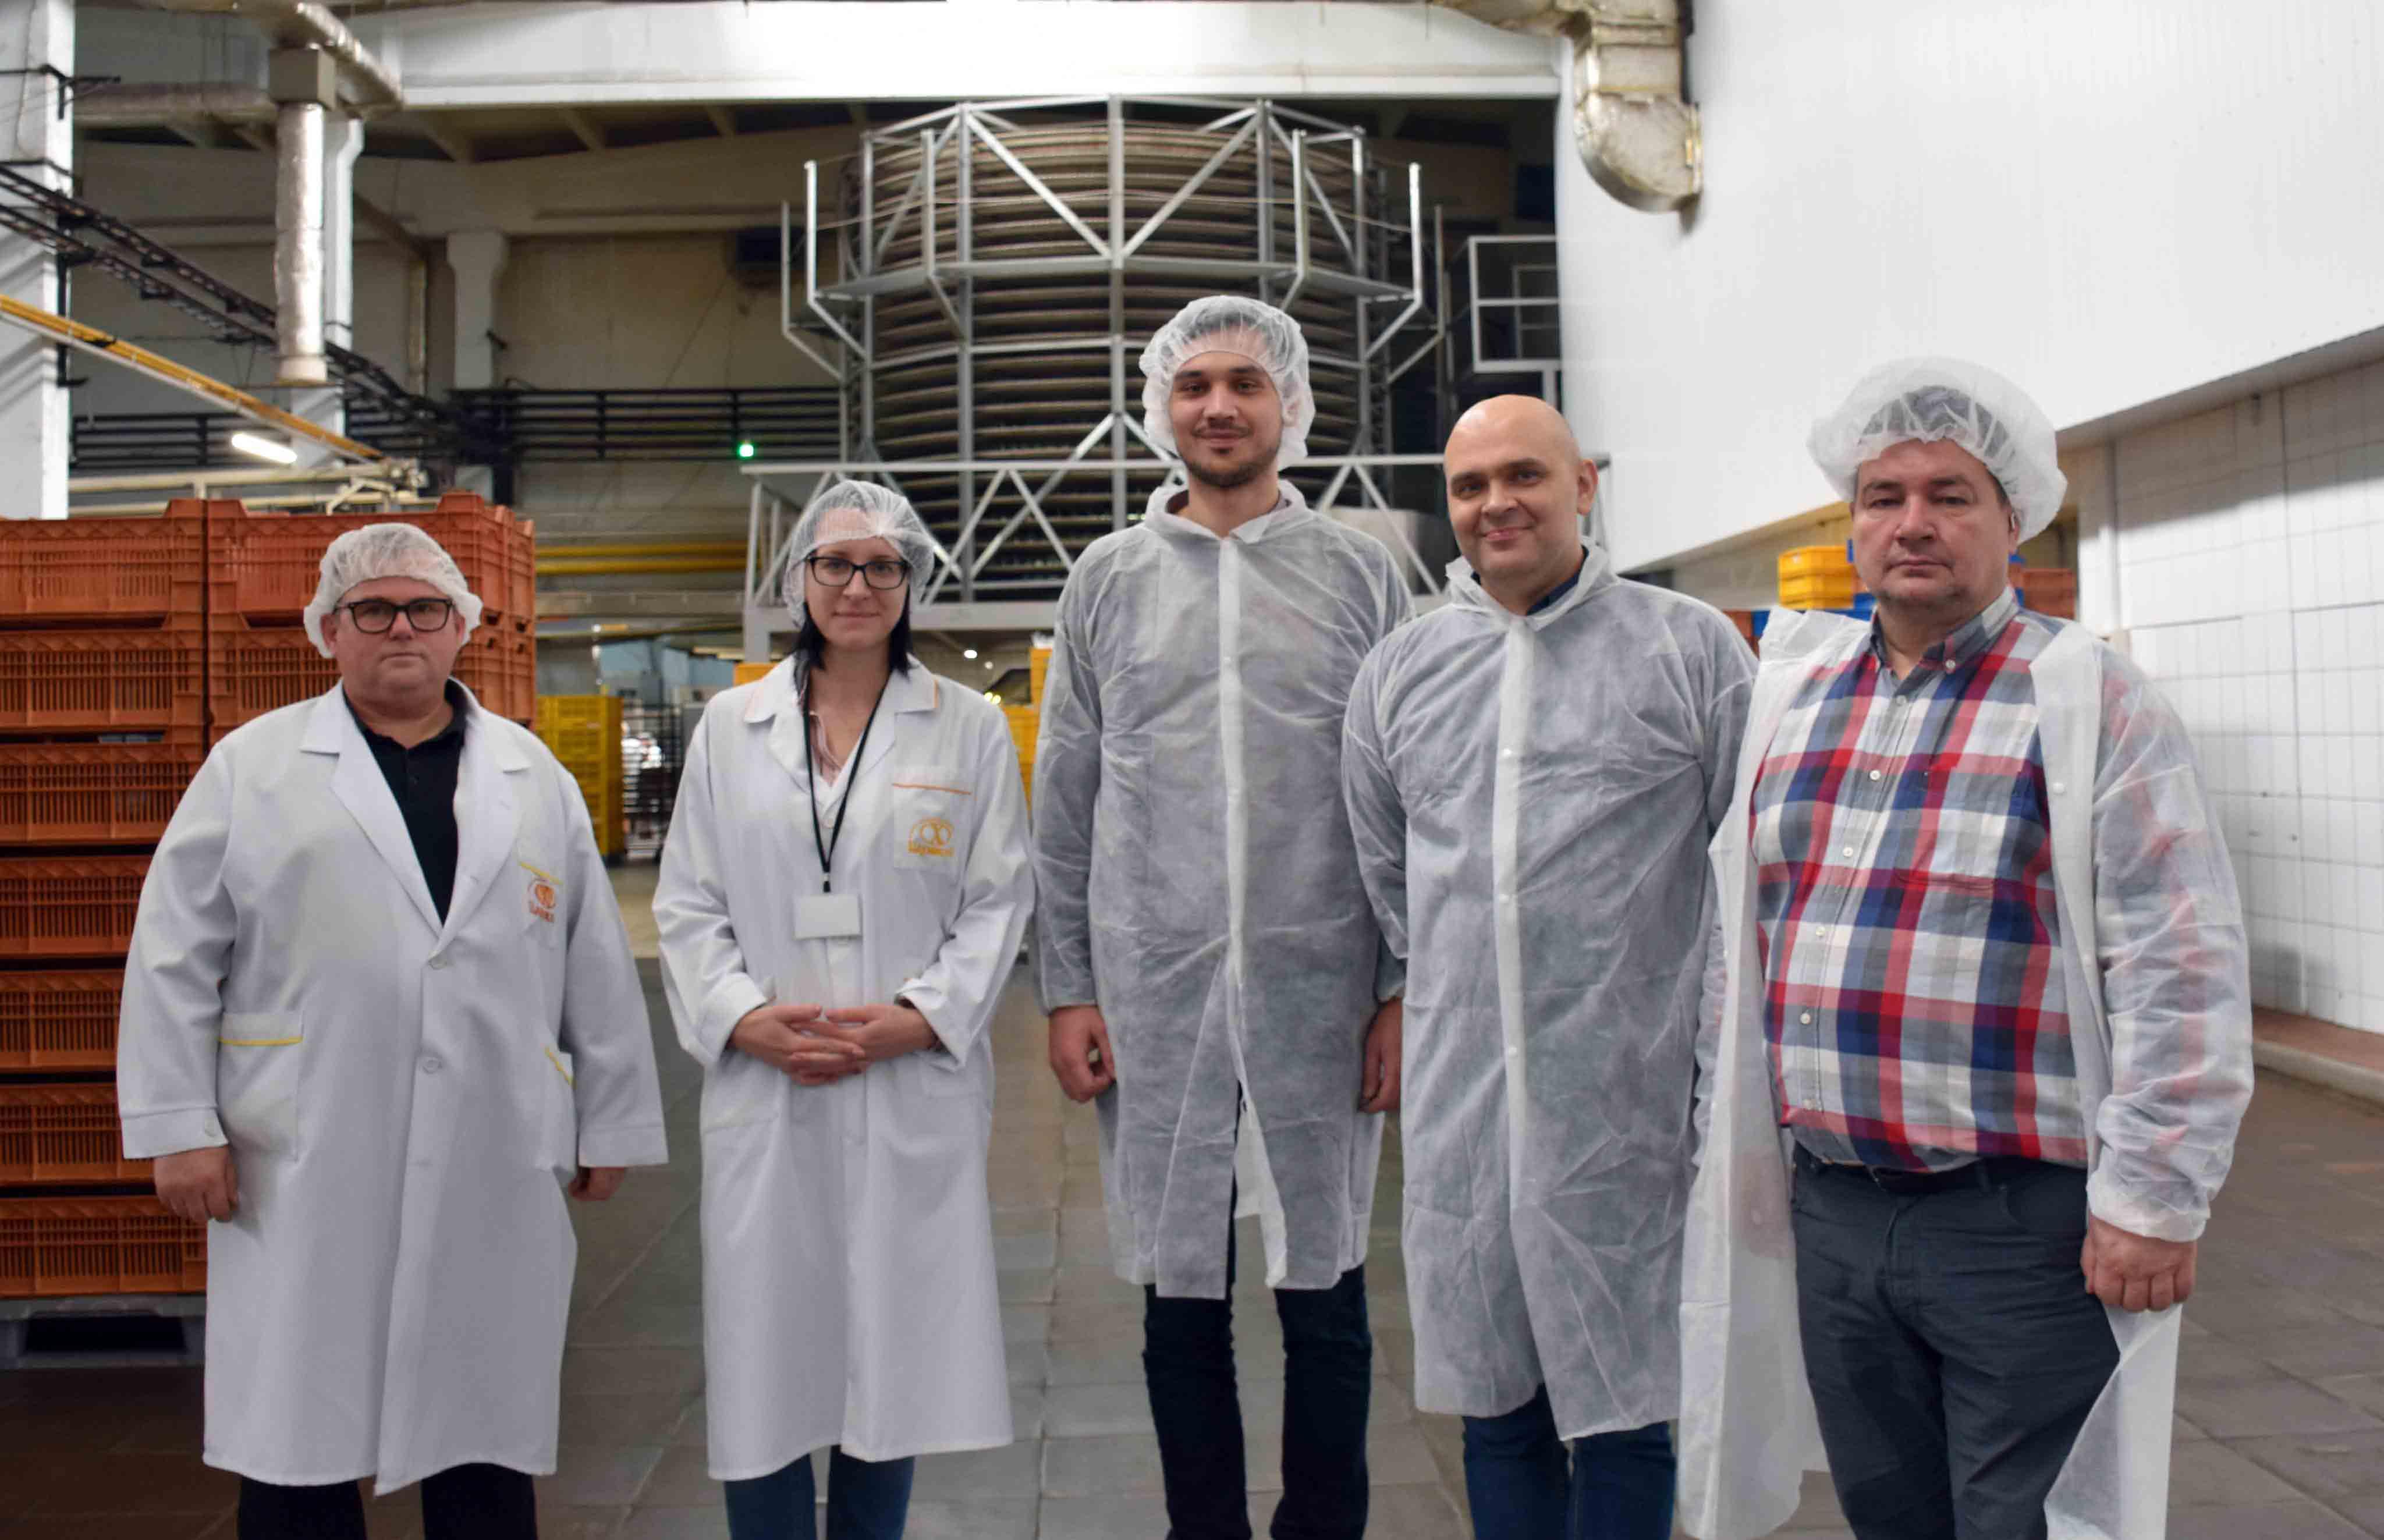 Івано-Франківський хлібокомбінат продовжує приймати іноземні делегації (ФОТО)